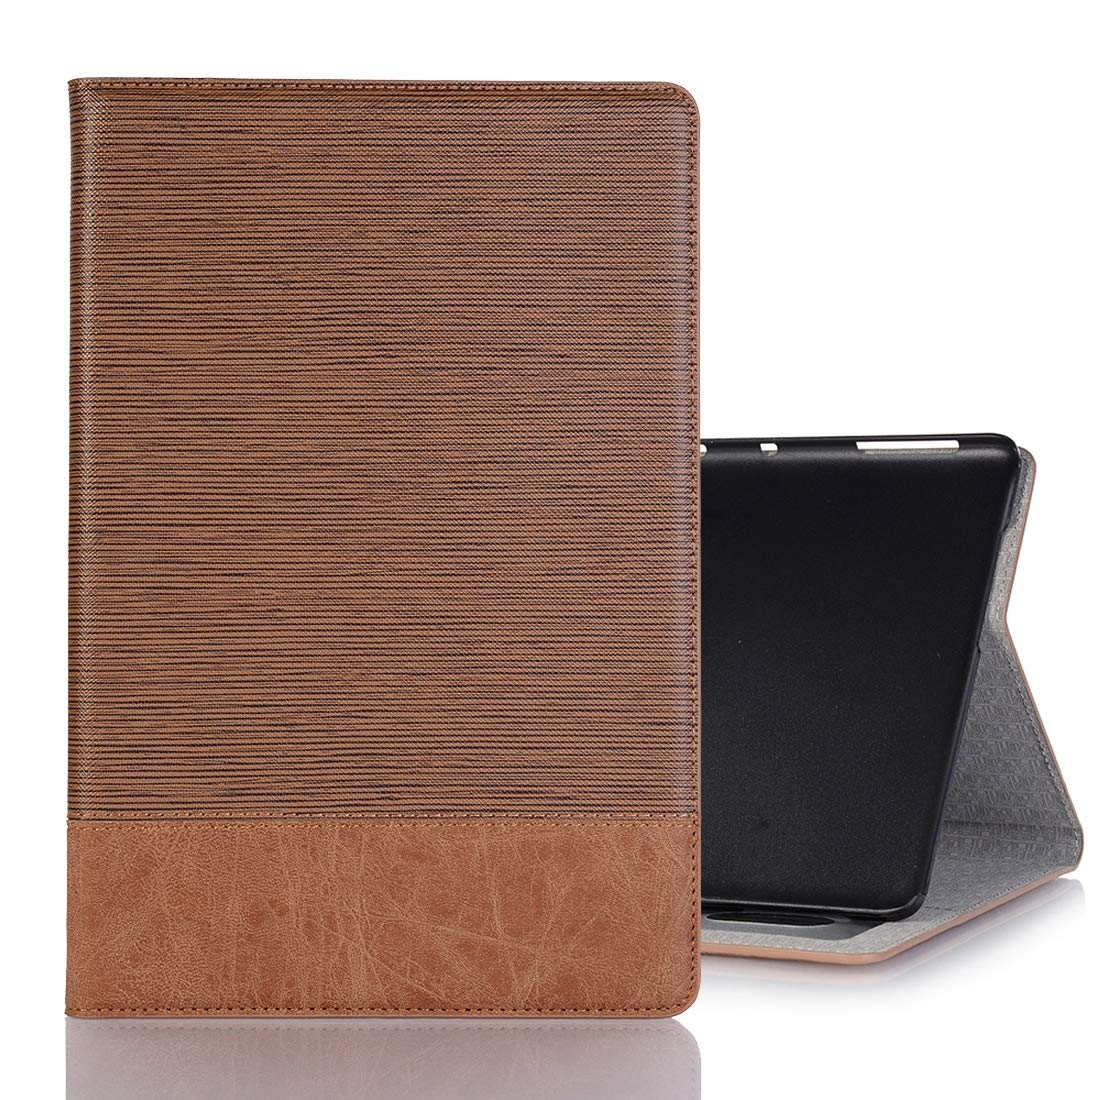 好評 HHF Huawei MediaPad M5 Lite 10.1インチ用フリップケース クロステクスチャ ブラウン 水平フリップ PUレザーケース B07NMJTQY8 HongHeFu ホルダー&カードスロット&財布付き, ブラウン, HongHeFu ブラウン B07NMJTQY8, エーティーフィールド:7a83b2b3 --- senas.4x4.lt